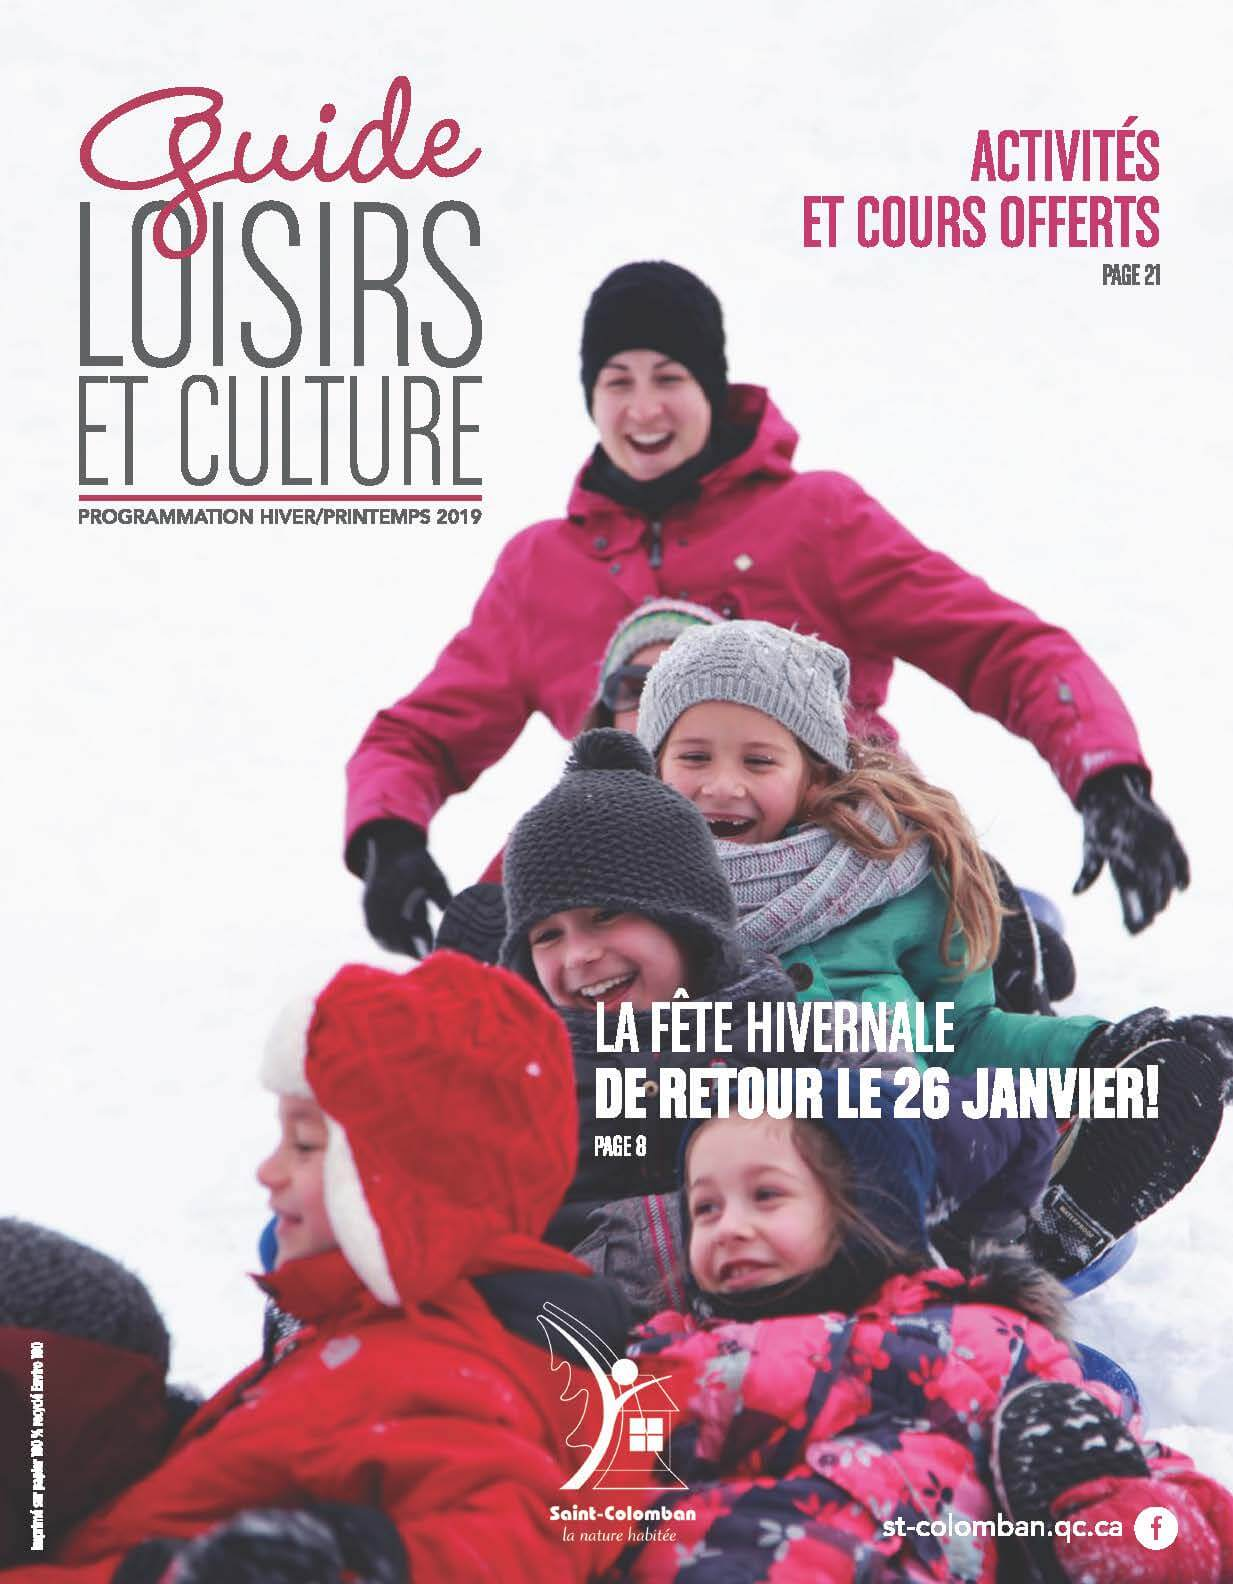 Guide loisirs et culture hiver/printemps 2019